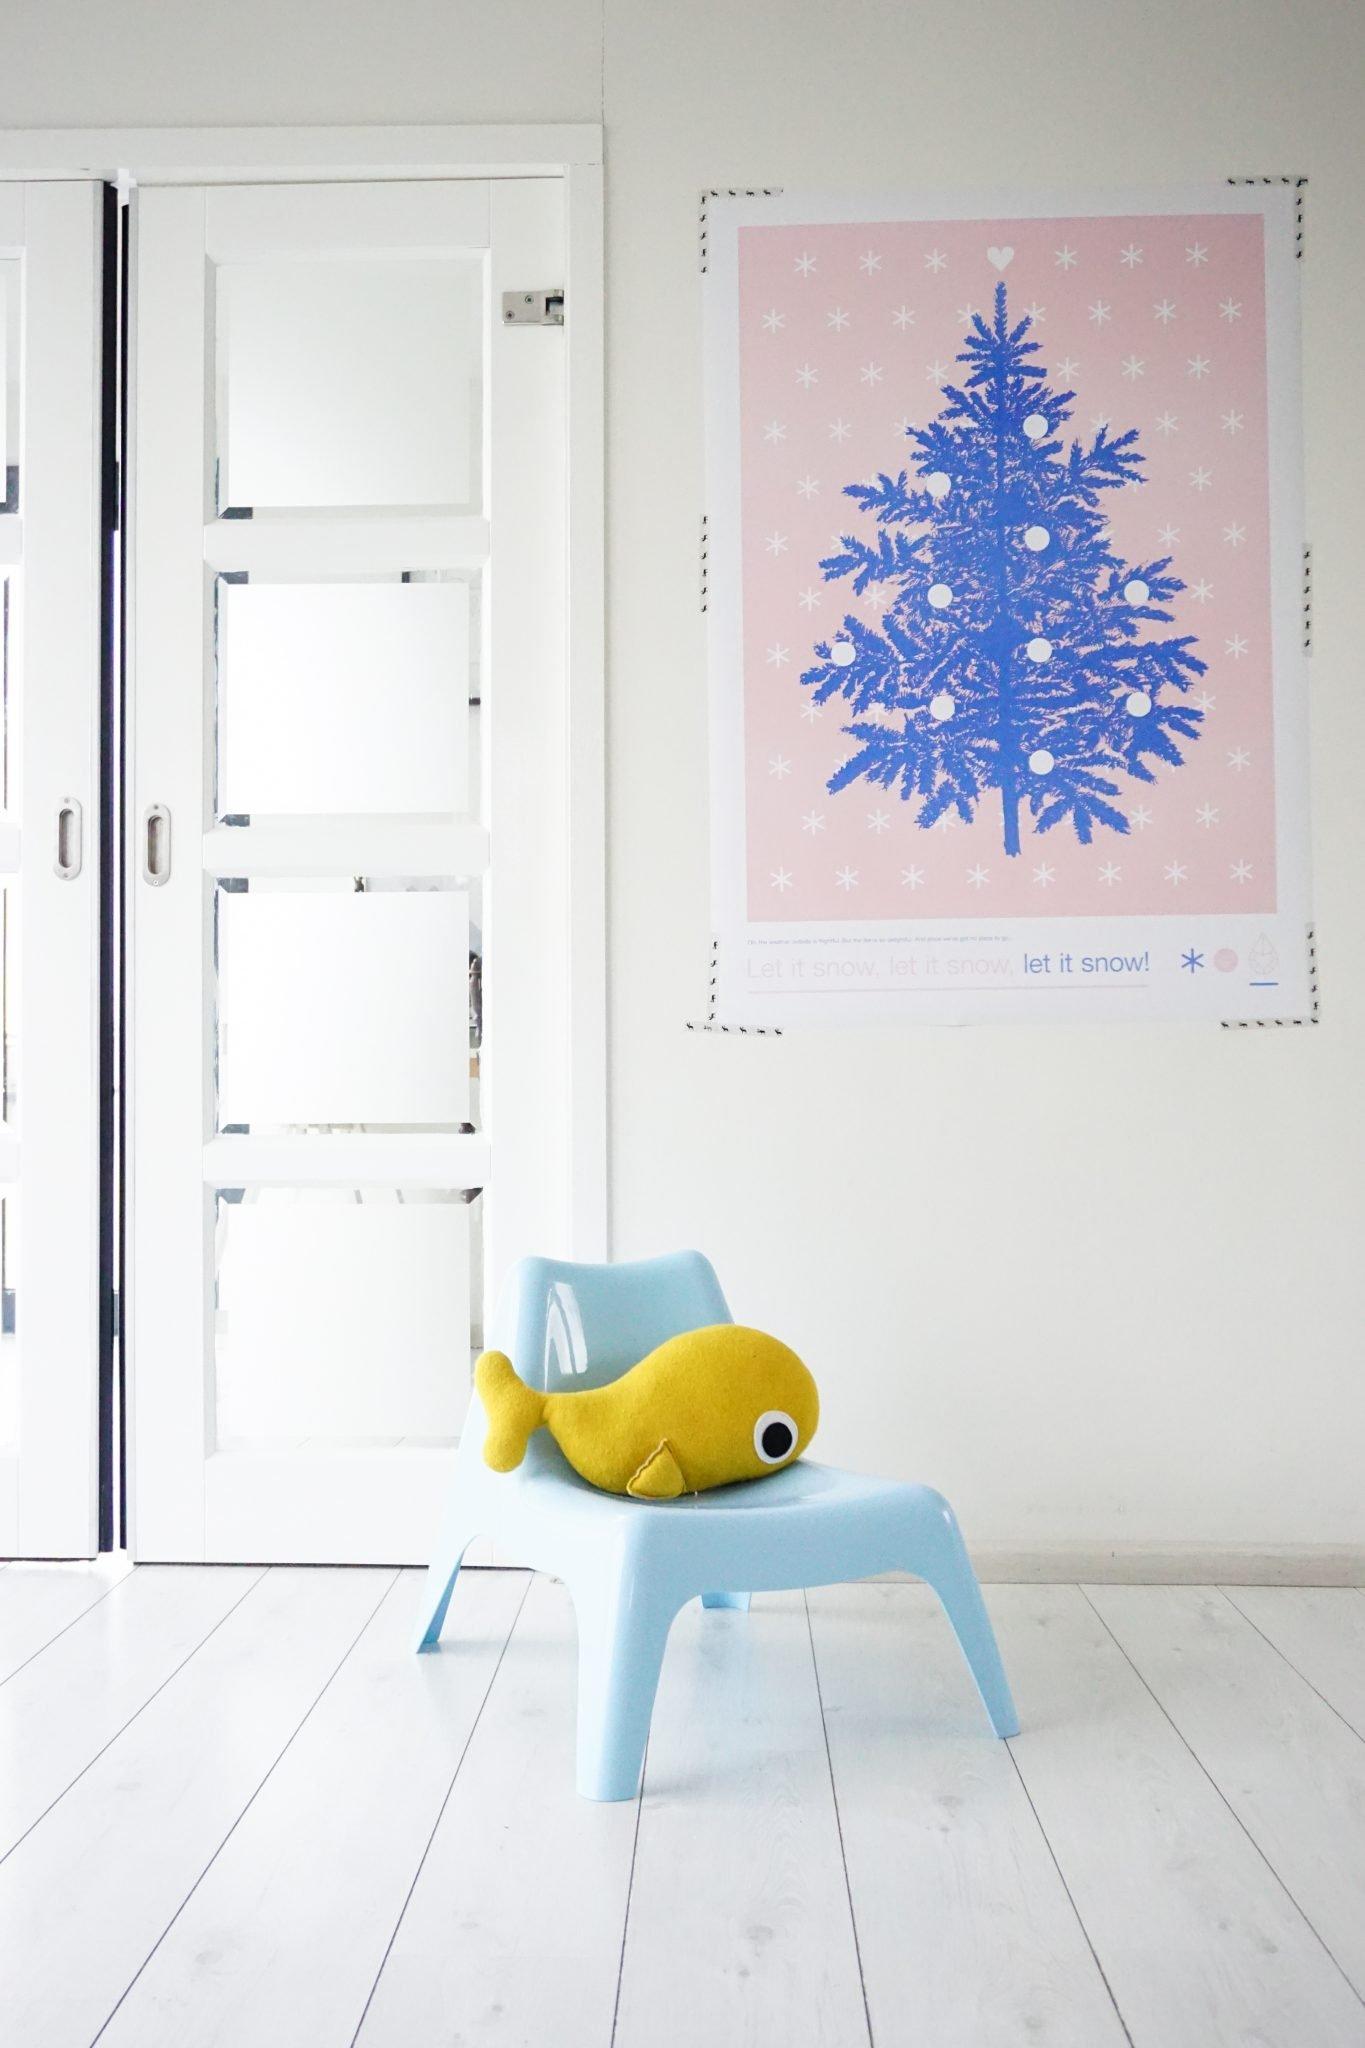 zilverblauw kerst poster kerstboom